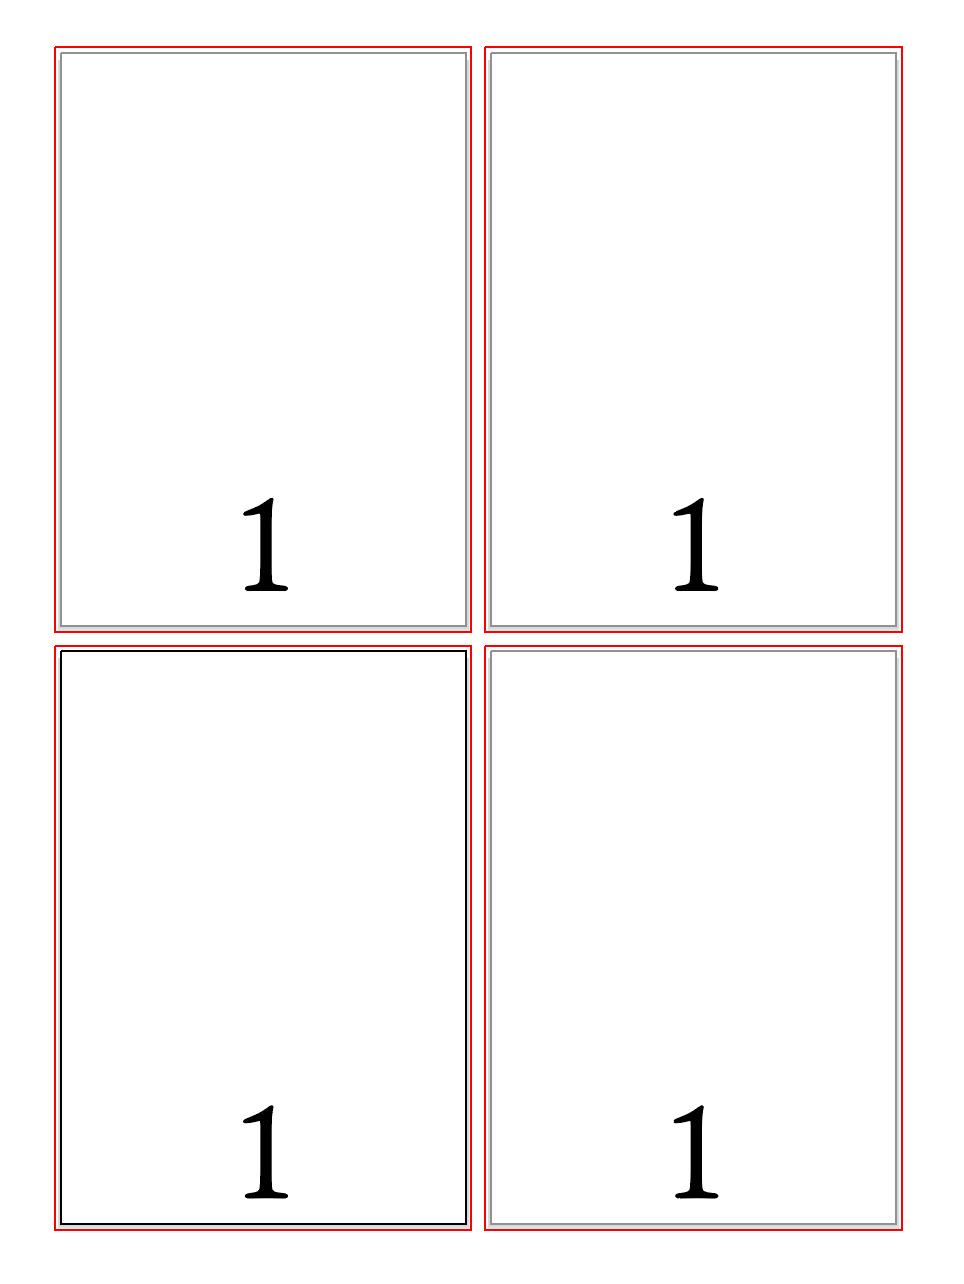 ノンブル indesign